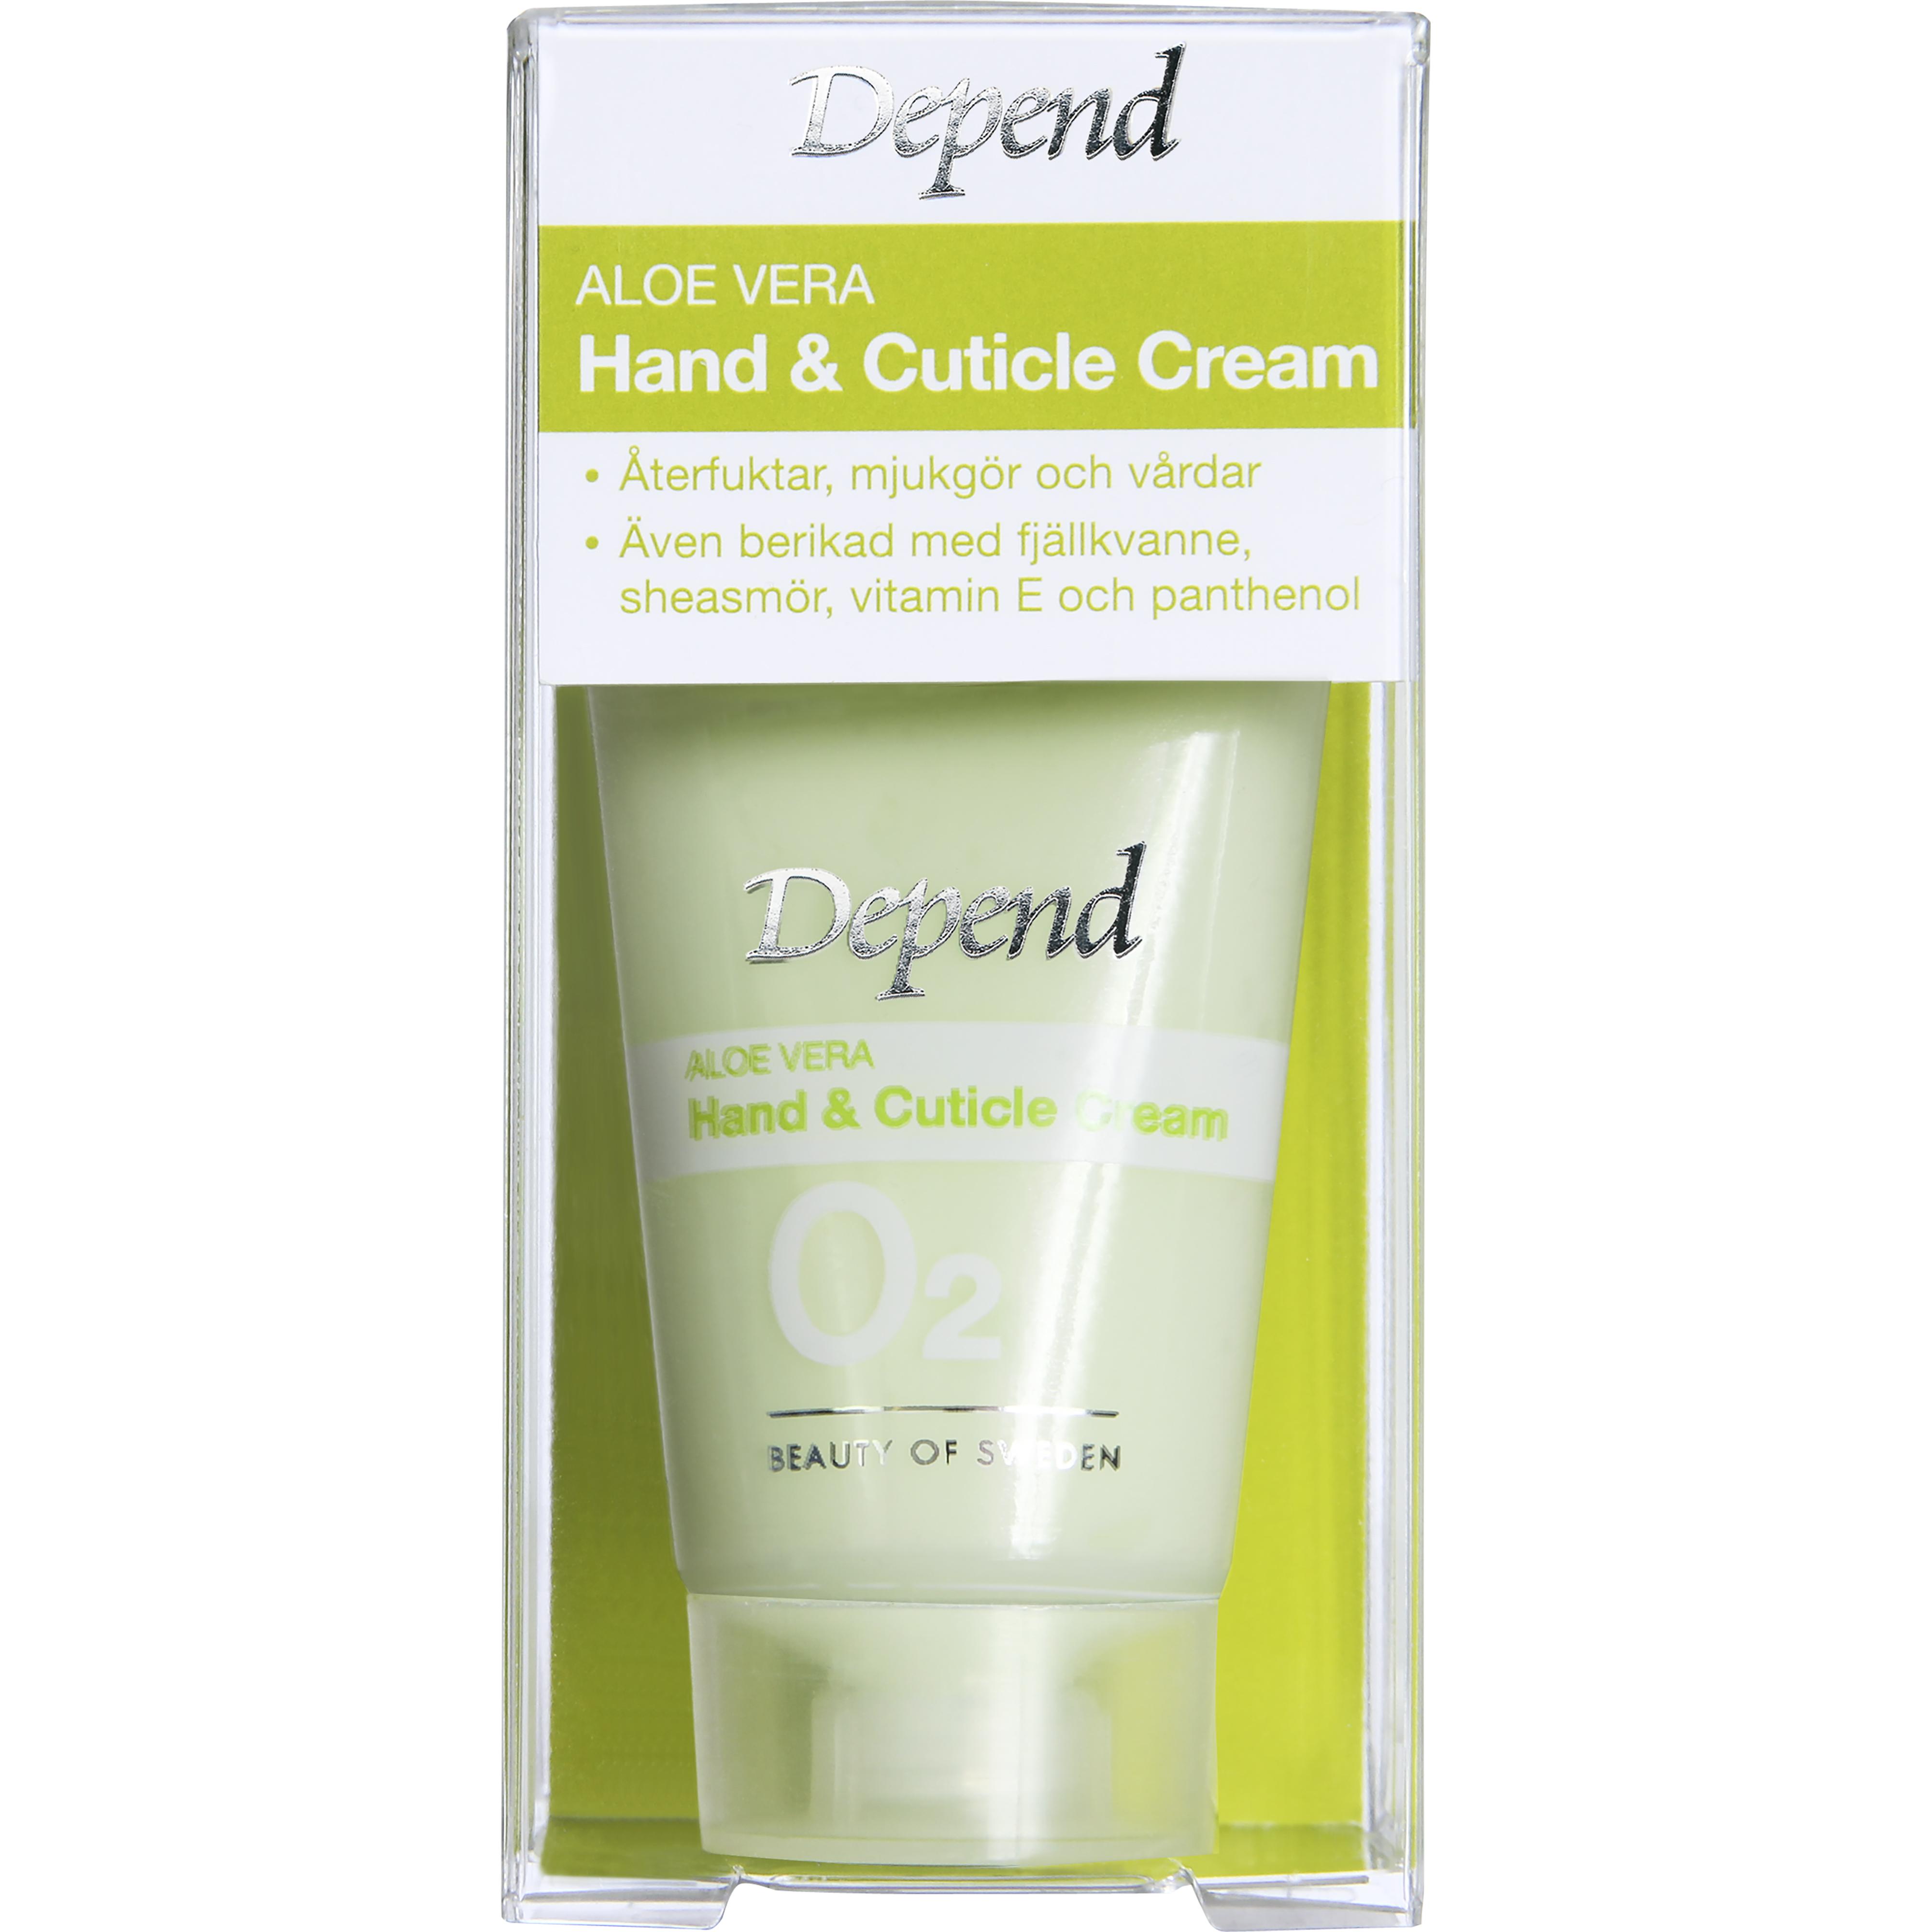 Aloe Vera Hand & Cuticle Cream